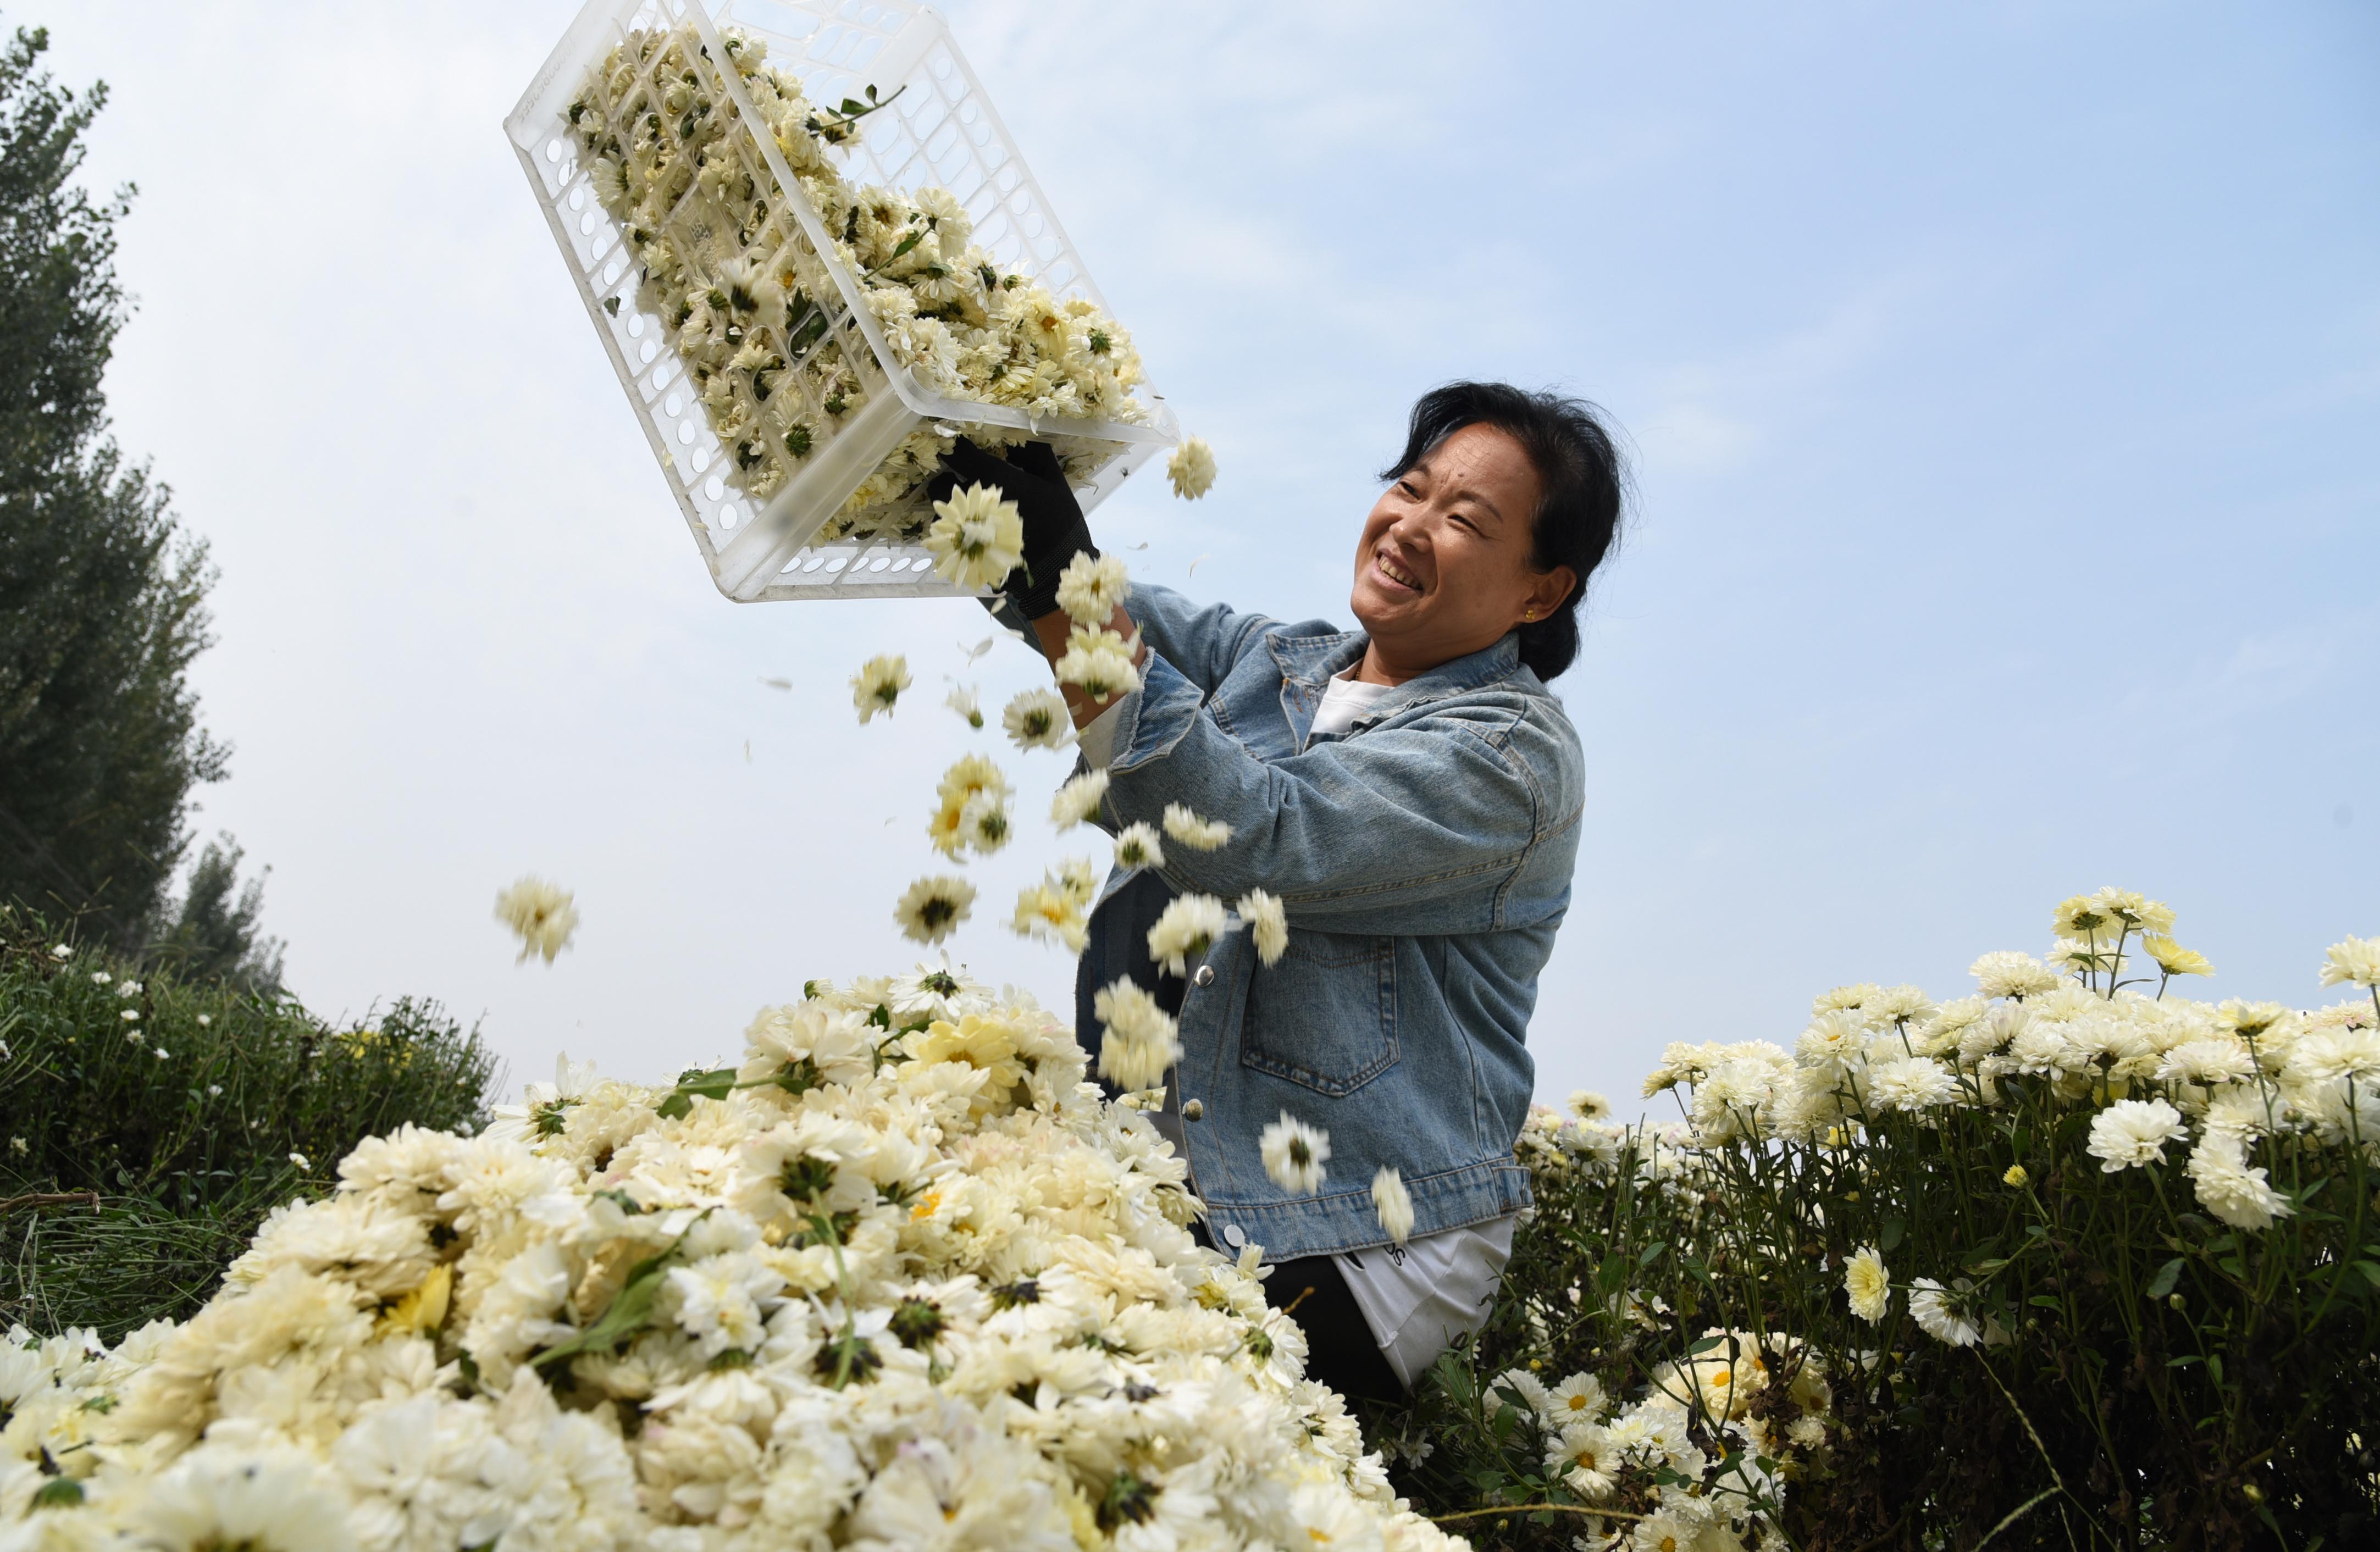 10月18日,河北省河間市米各莊鎮馬村農民在菊花種植基地分揀采收的菊花。(新華社)